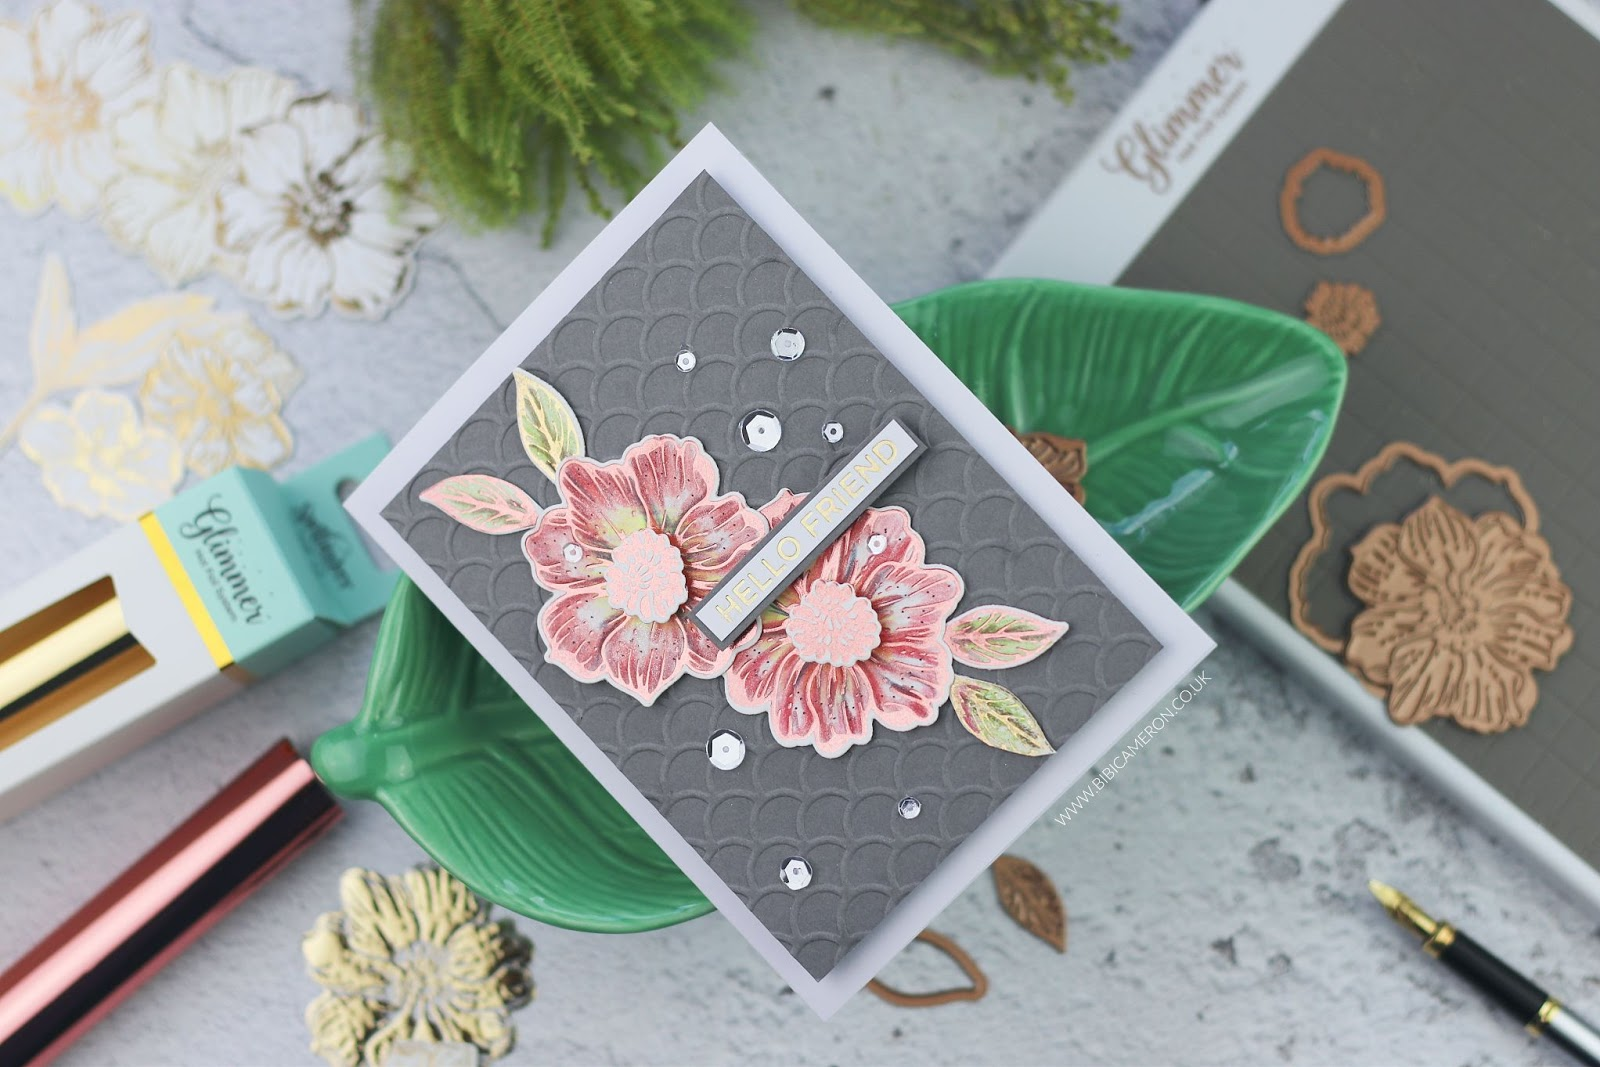 Radiant Flower | Spellbinders Glimmer Hot Foil Kit of the Month